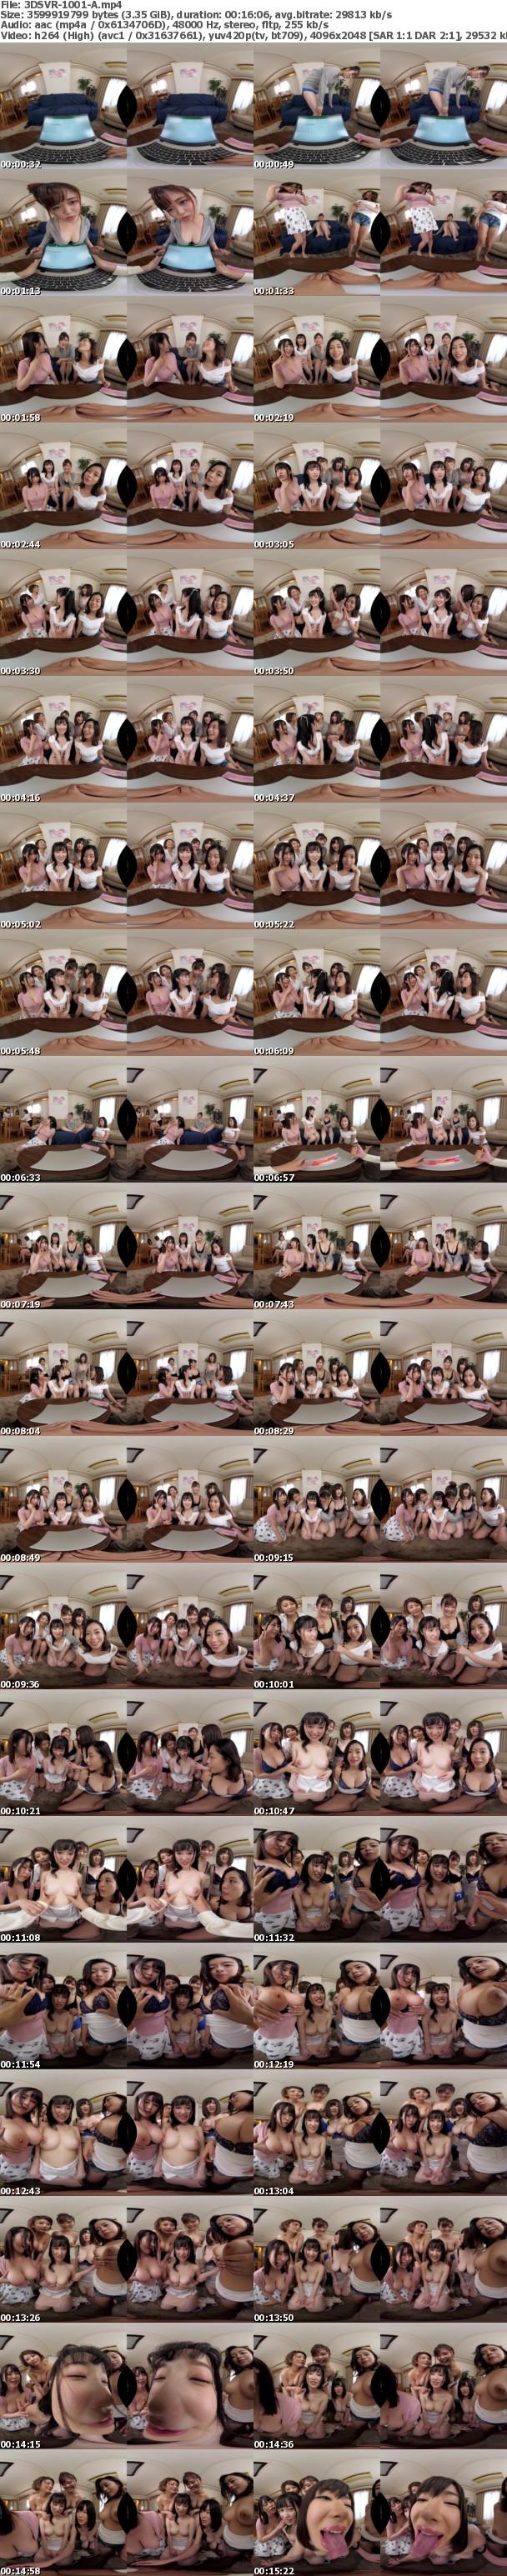 (VR) 3DSVR-1001 SODVR1000作品突破記念スペシャル第2弾!!朝田ひまりと5人のお姉ちゃん夢のハーレム同棲VR おっきいオッパイに囲まれて無限SEX!永遠射精管理ステイホーム!!